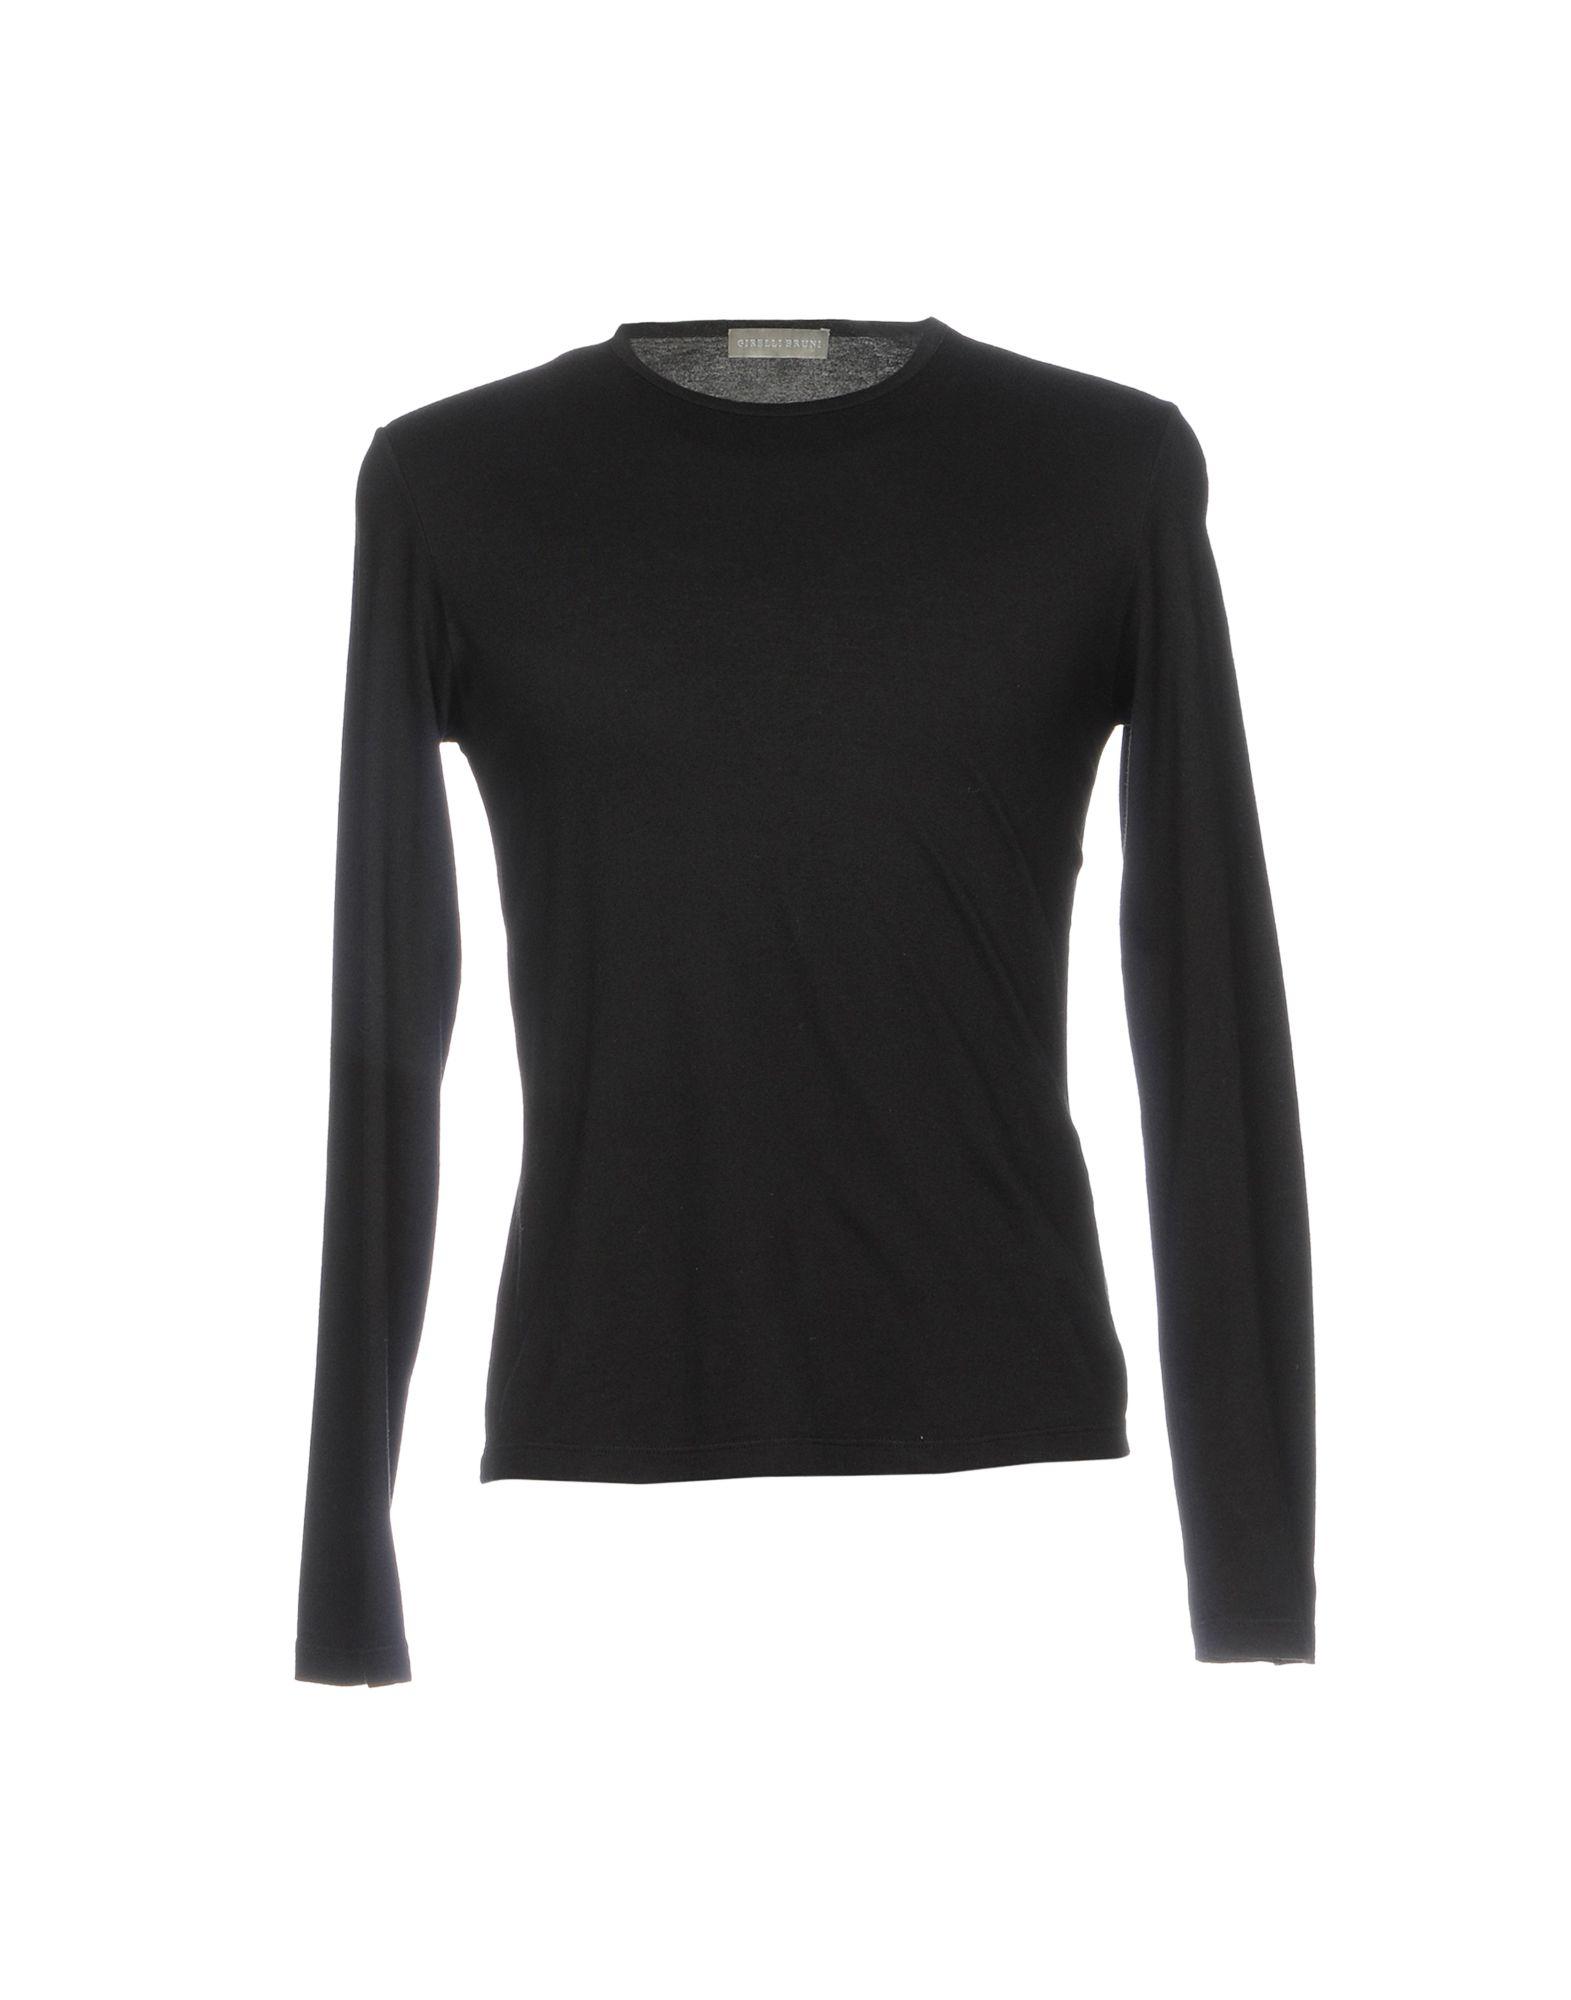 DRUMOHR Herren T-shirts Farbe Schwarz Größe 2 jetztbilligerkaufen